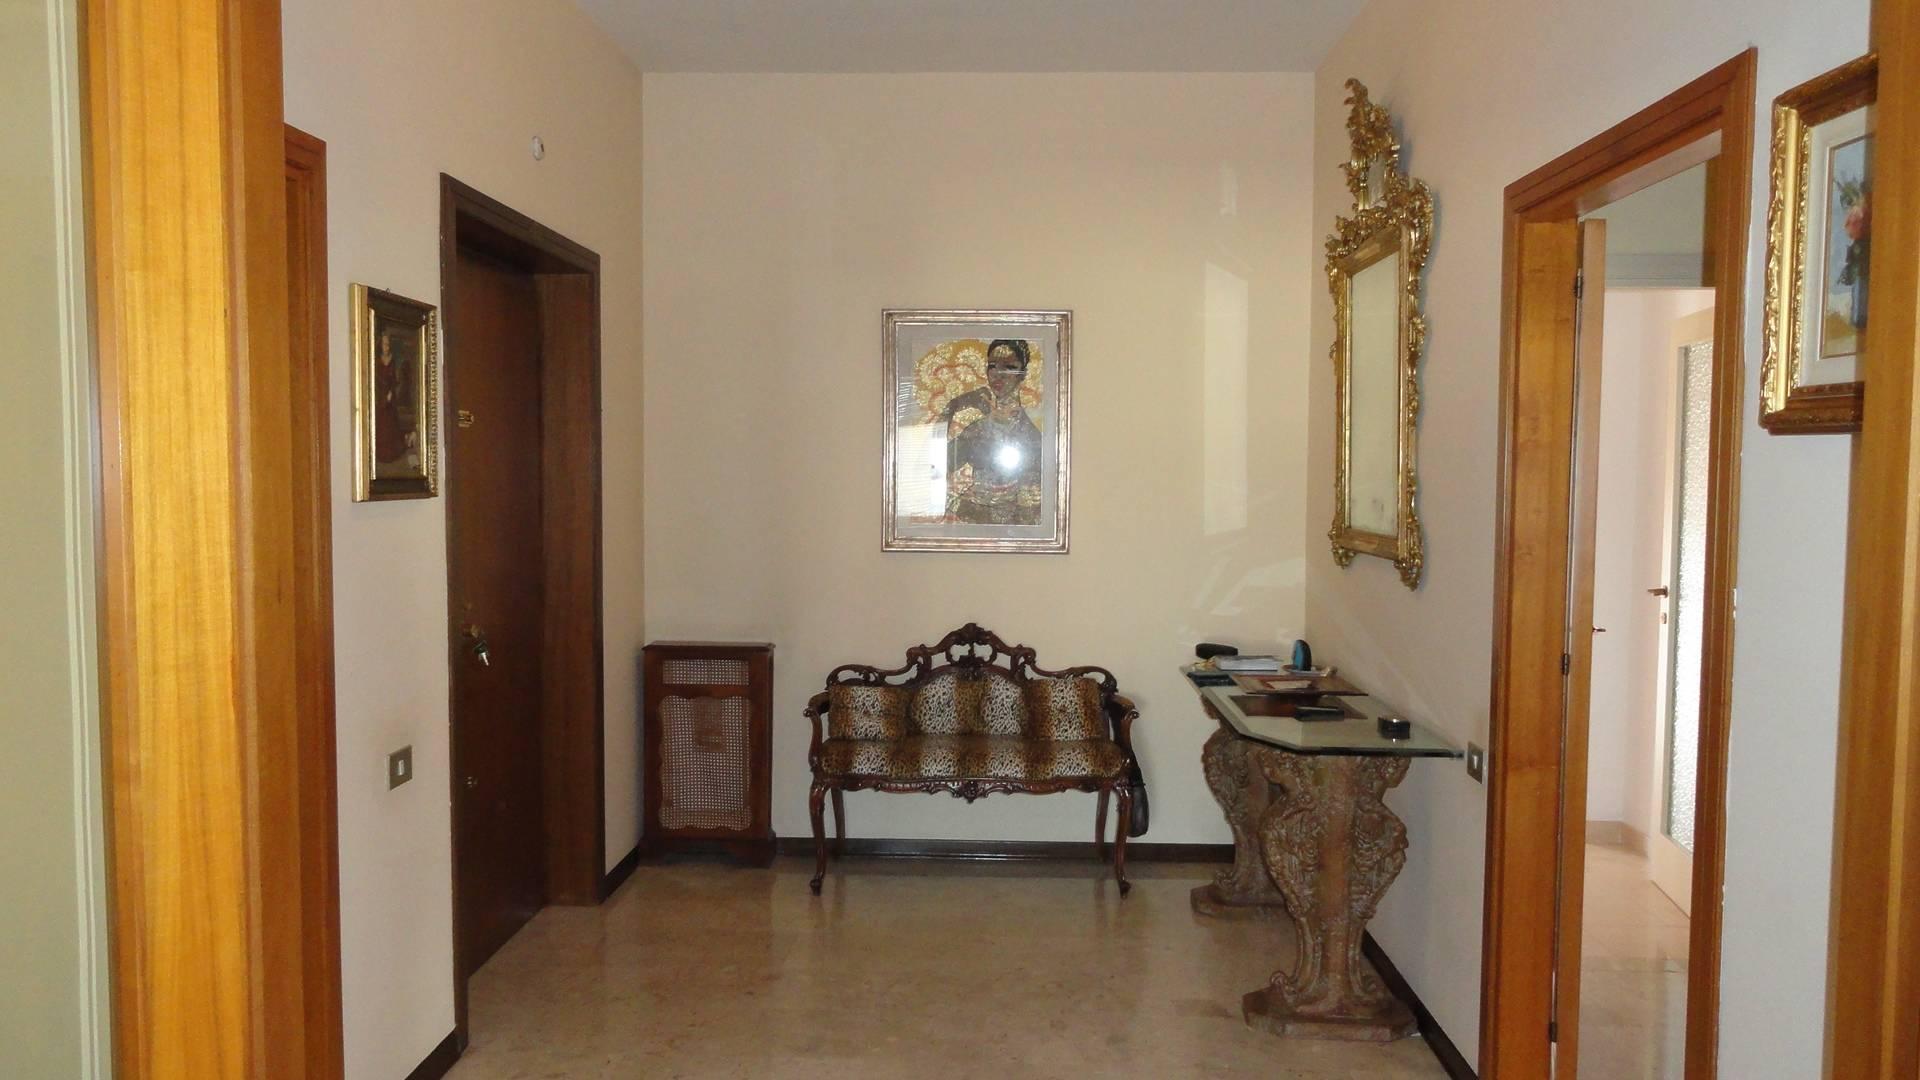 Appartamento TERAMO vendita  Centro  Percorso Casa Srl unipersonale